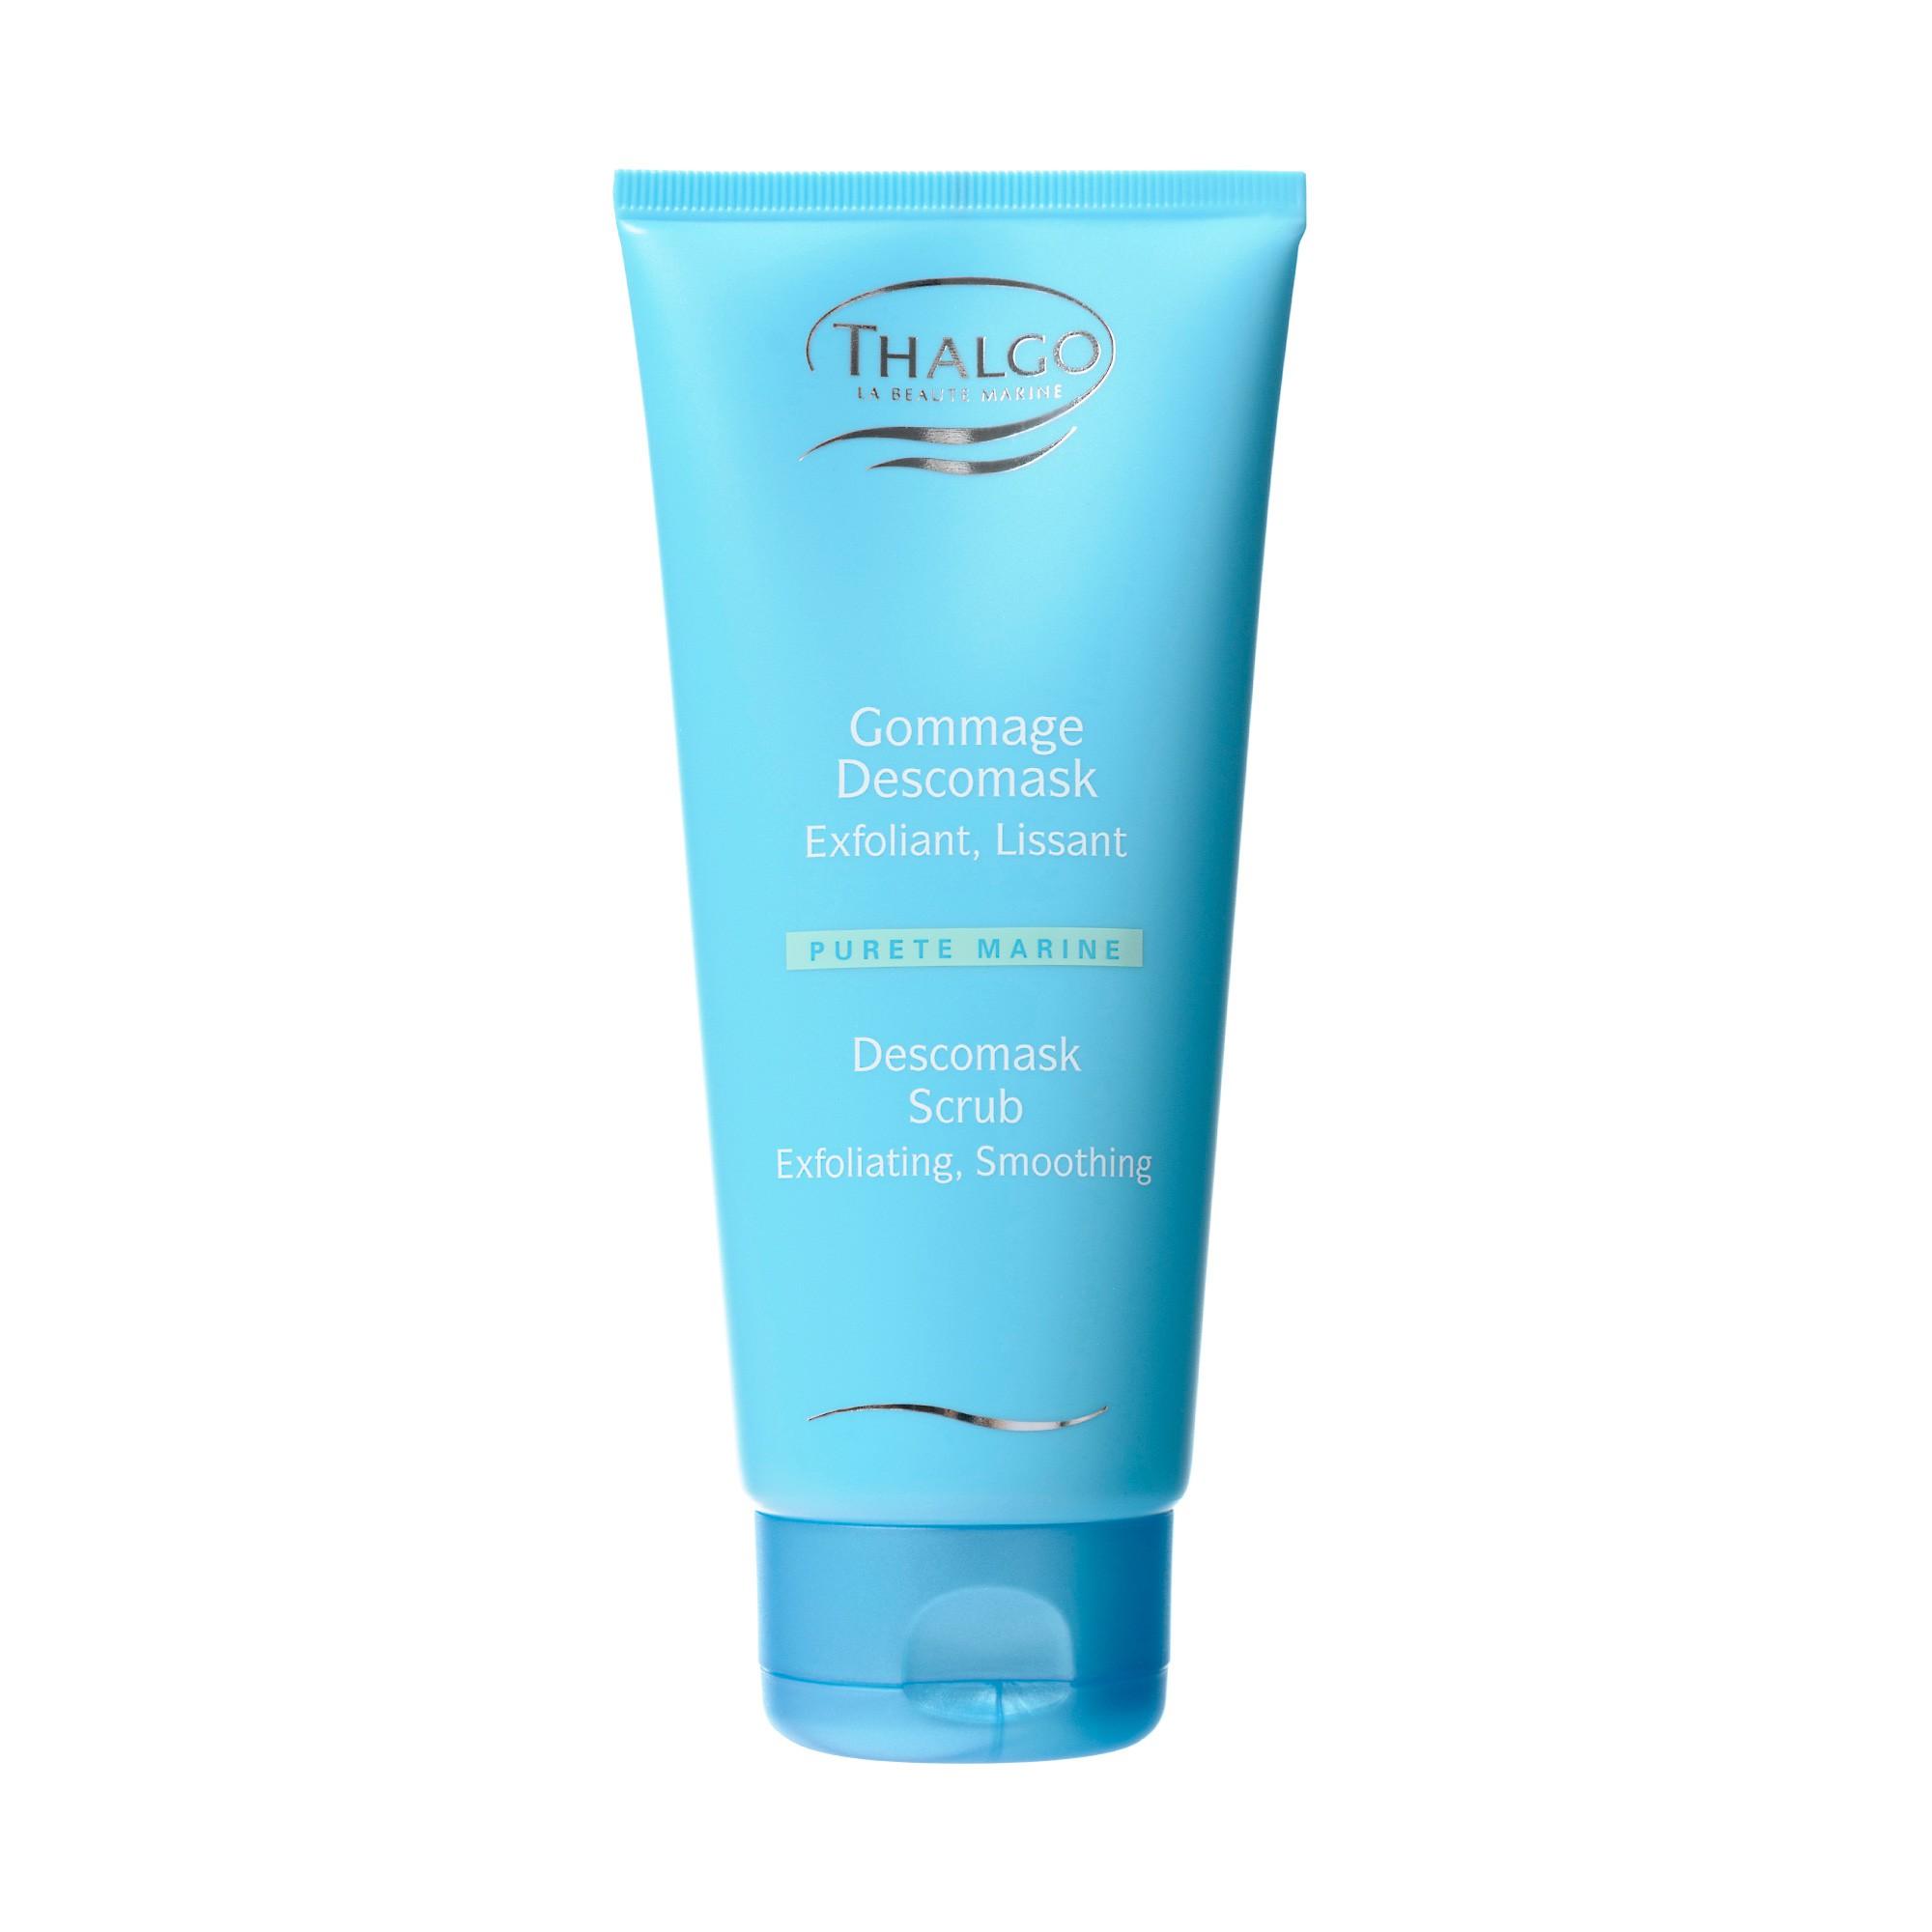 THALGO Скраб для тела / Descomask Body Scrub 500млСкрабы<br>Удаляет отмершие клетки, смягчает огрубевшую кожу, оставляет кожу мягкой и сияющей. Нежно отшелушивает ороговевшие клетки и оставляет кожу более мягкой и восприимчивой к препаратам последующего ухода. Активные ингредиенты: Экстракт водоросли Хондрус криспус, рускус, мальва, микросферы. Способ применения: Наносите на сухую или влажную кожу 1-2 раза в неделю, массируйте круговыми движениями, уделяя особое внимание огрубевшим участкам (локти,колени,ступни), тщательно смойте.<br>